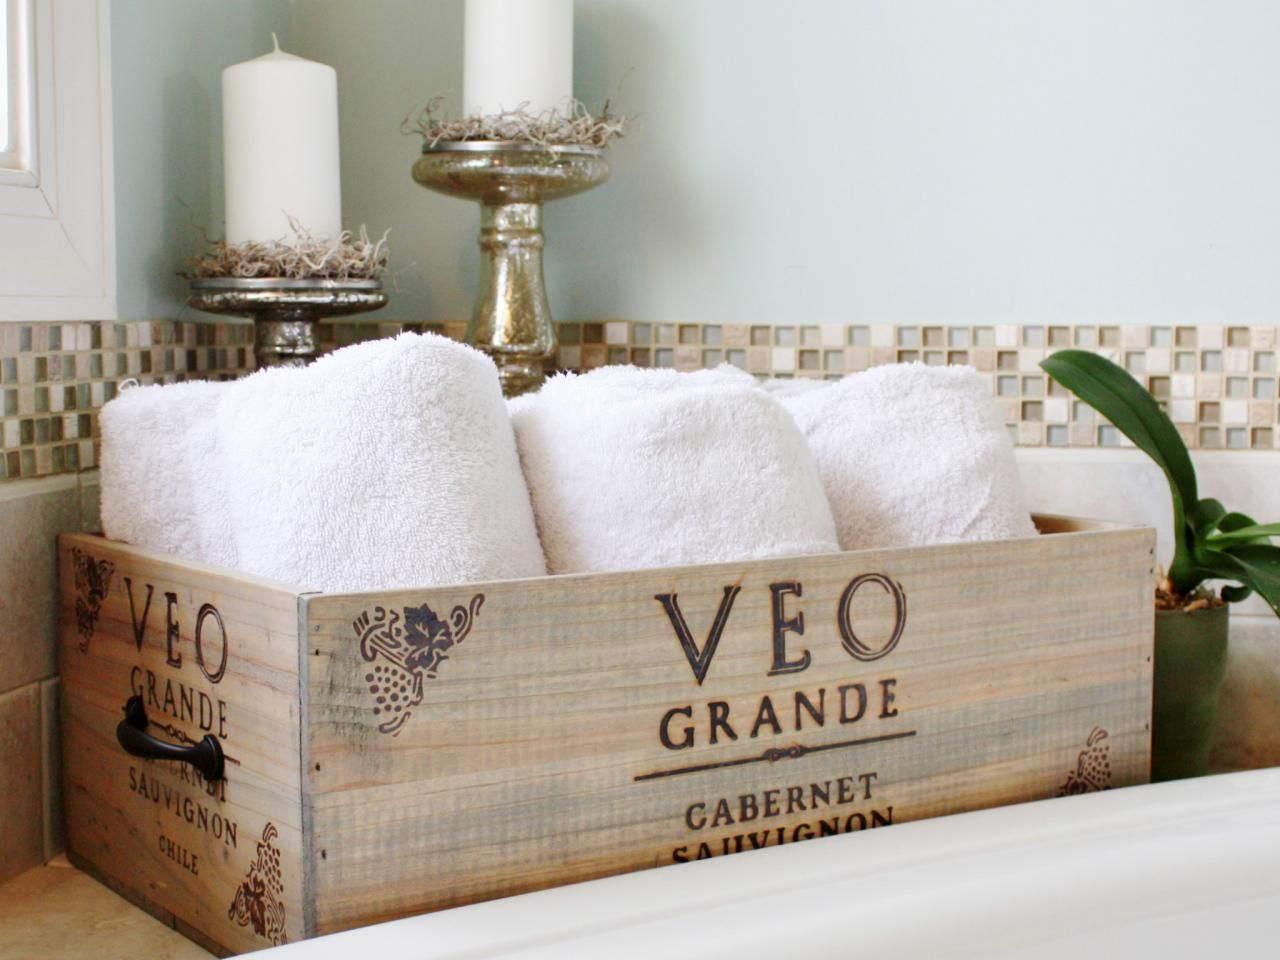 Wine Box Decor Transform A Wine Crate Into A Decorative Storage Box  Bathroom